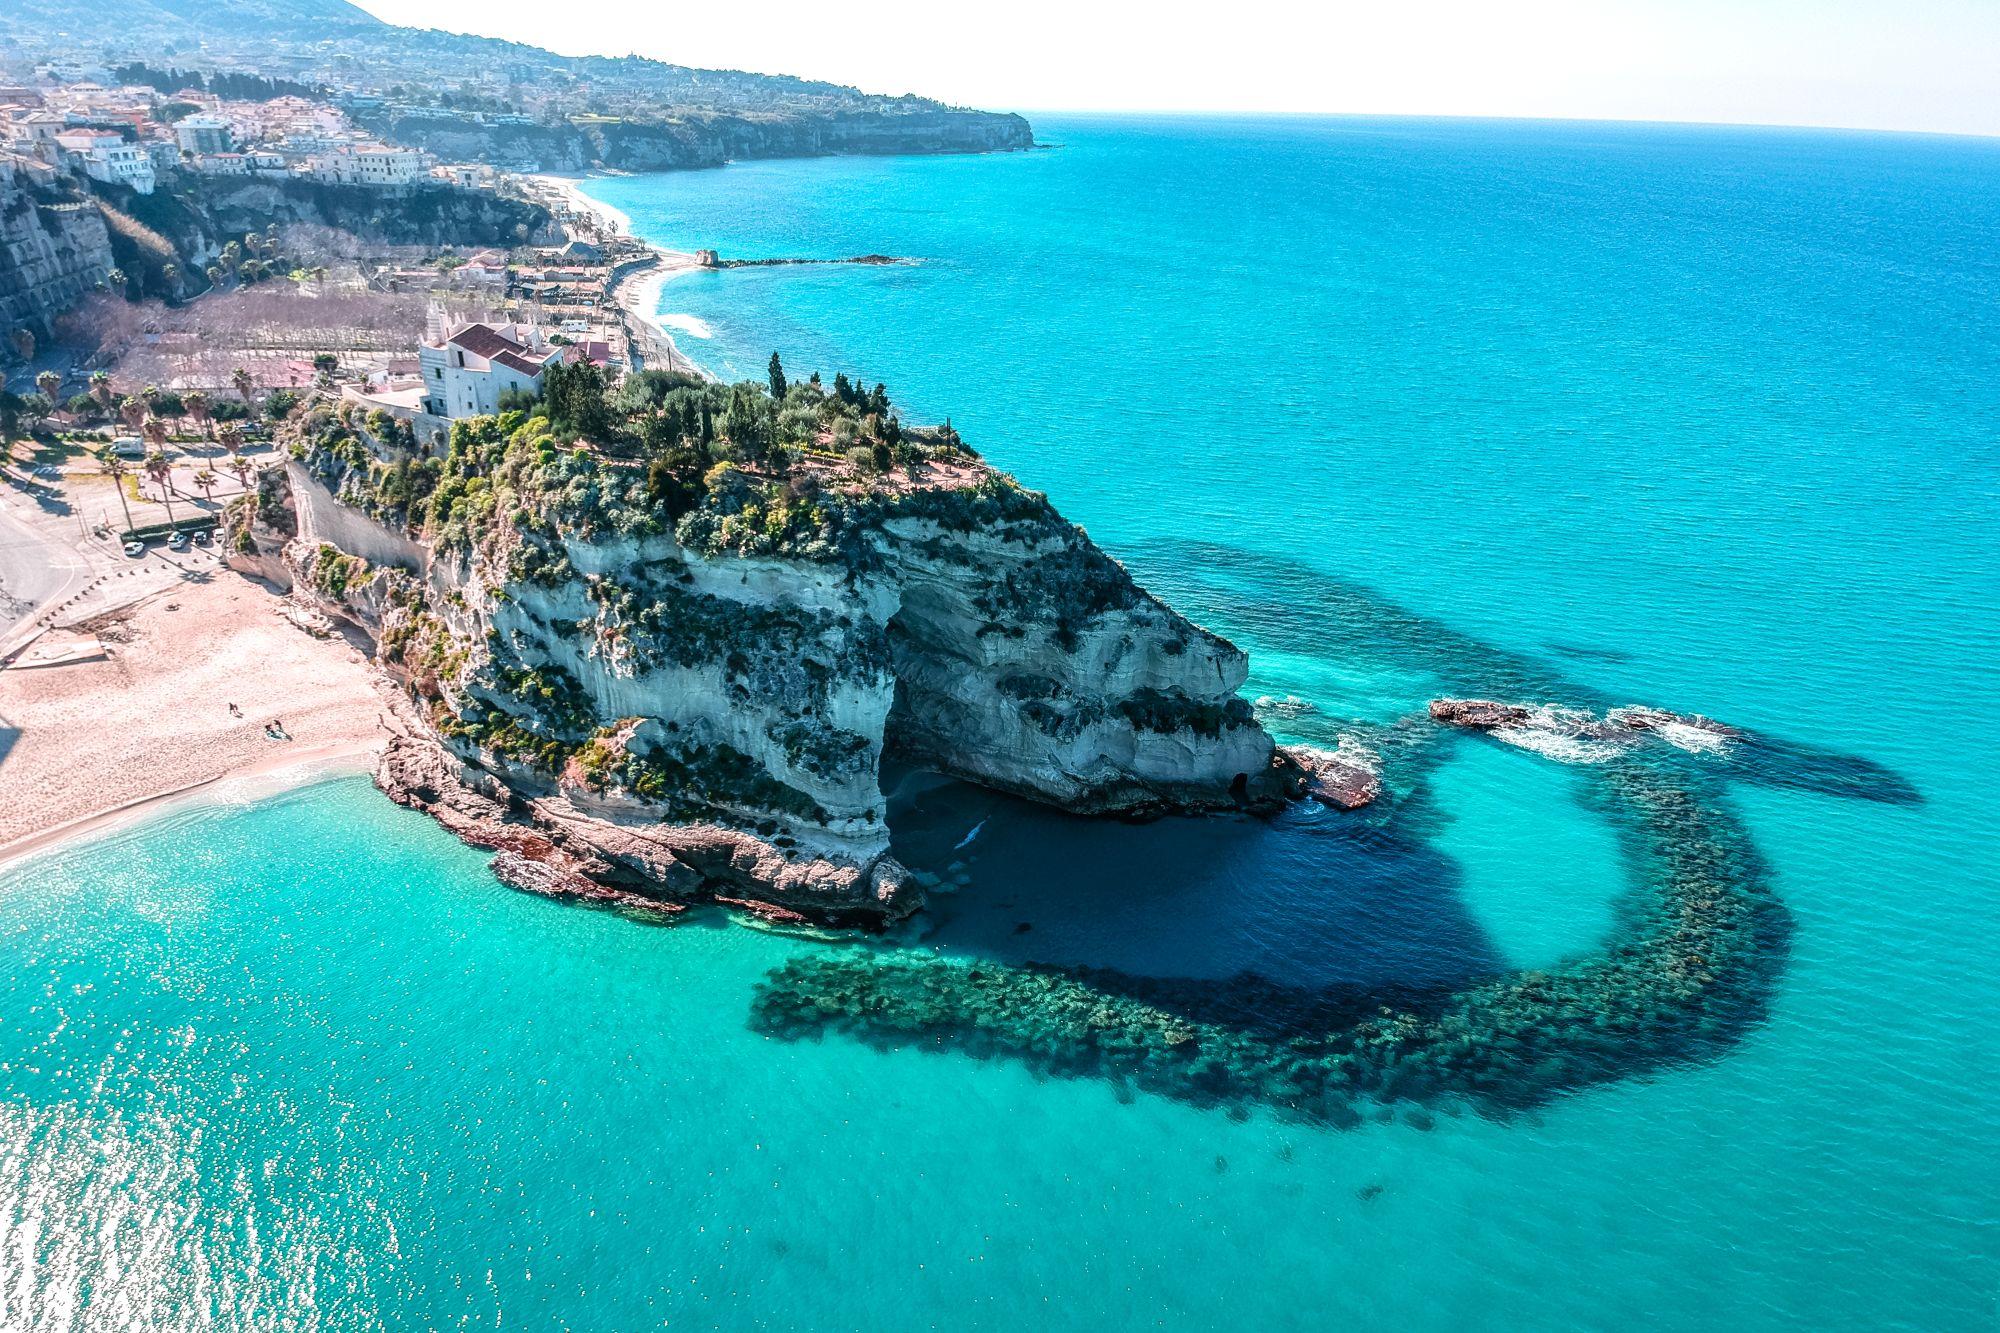 Lamezia Terme widok wybrzeża